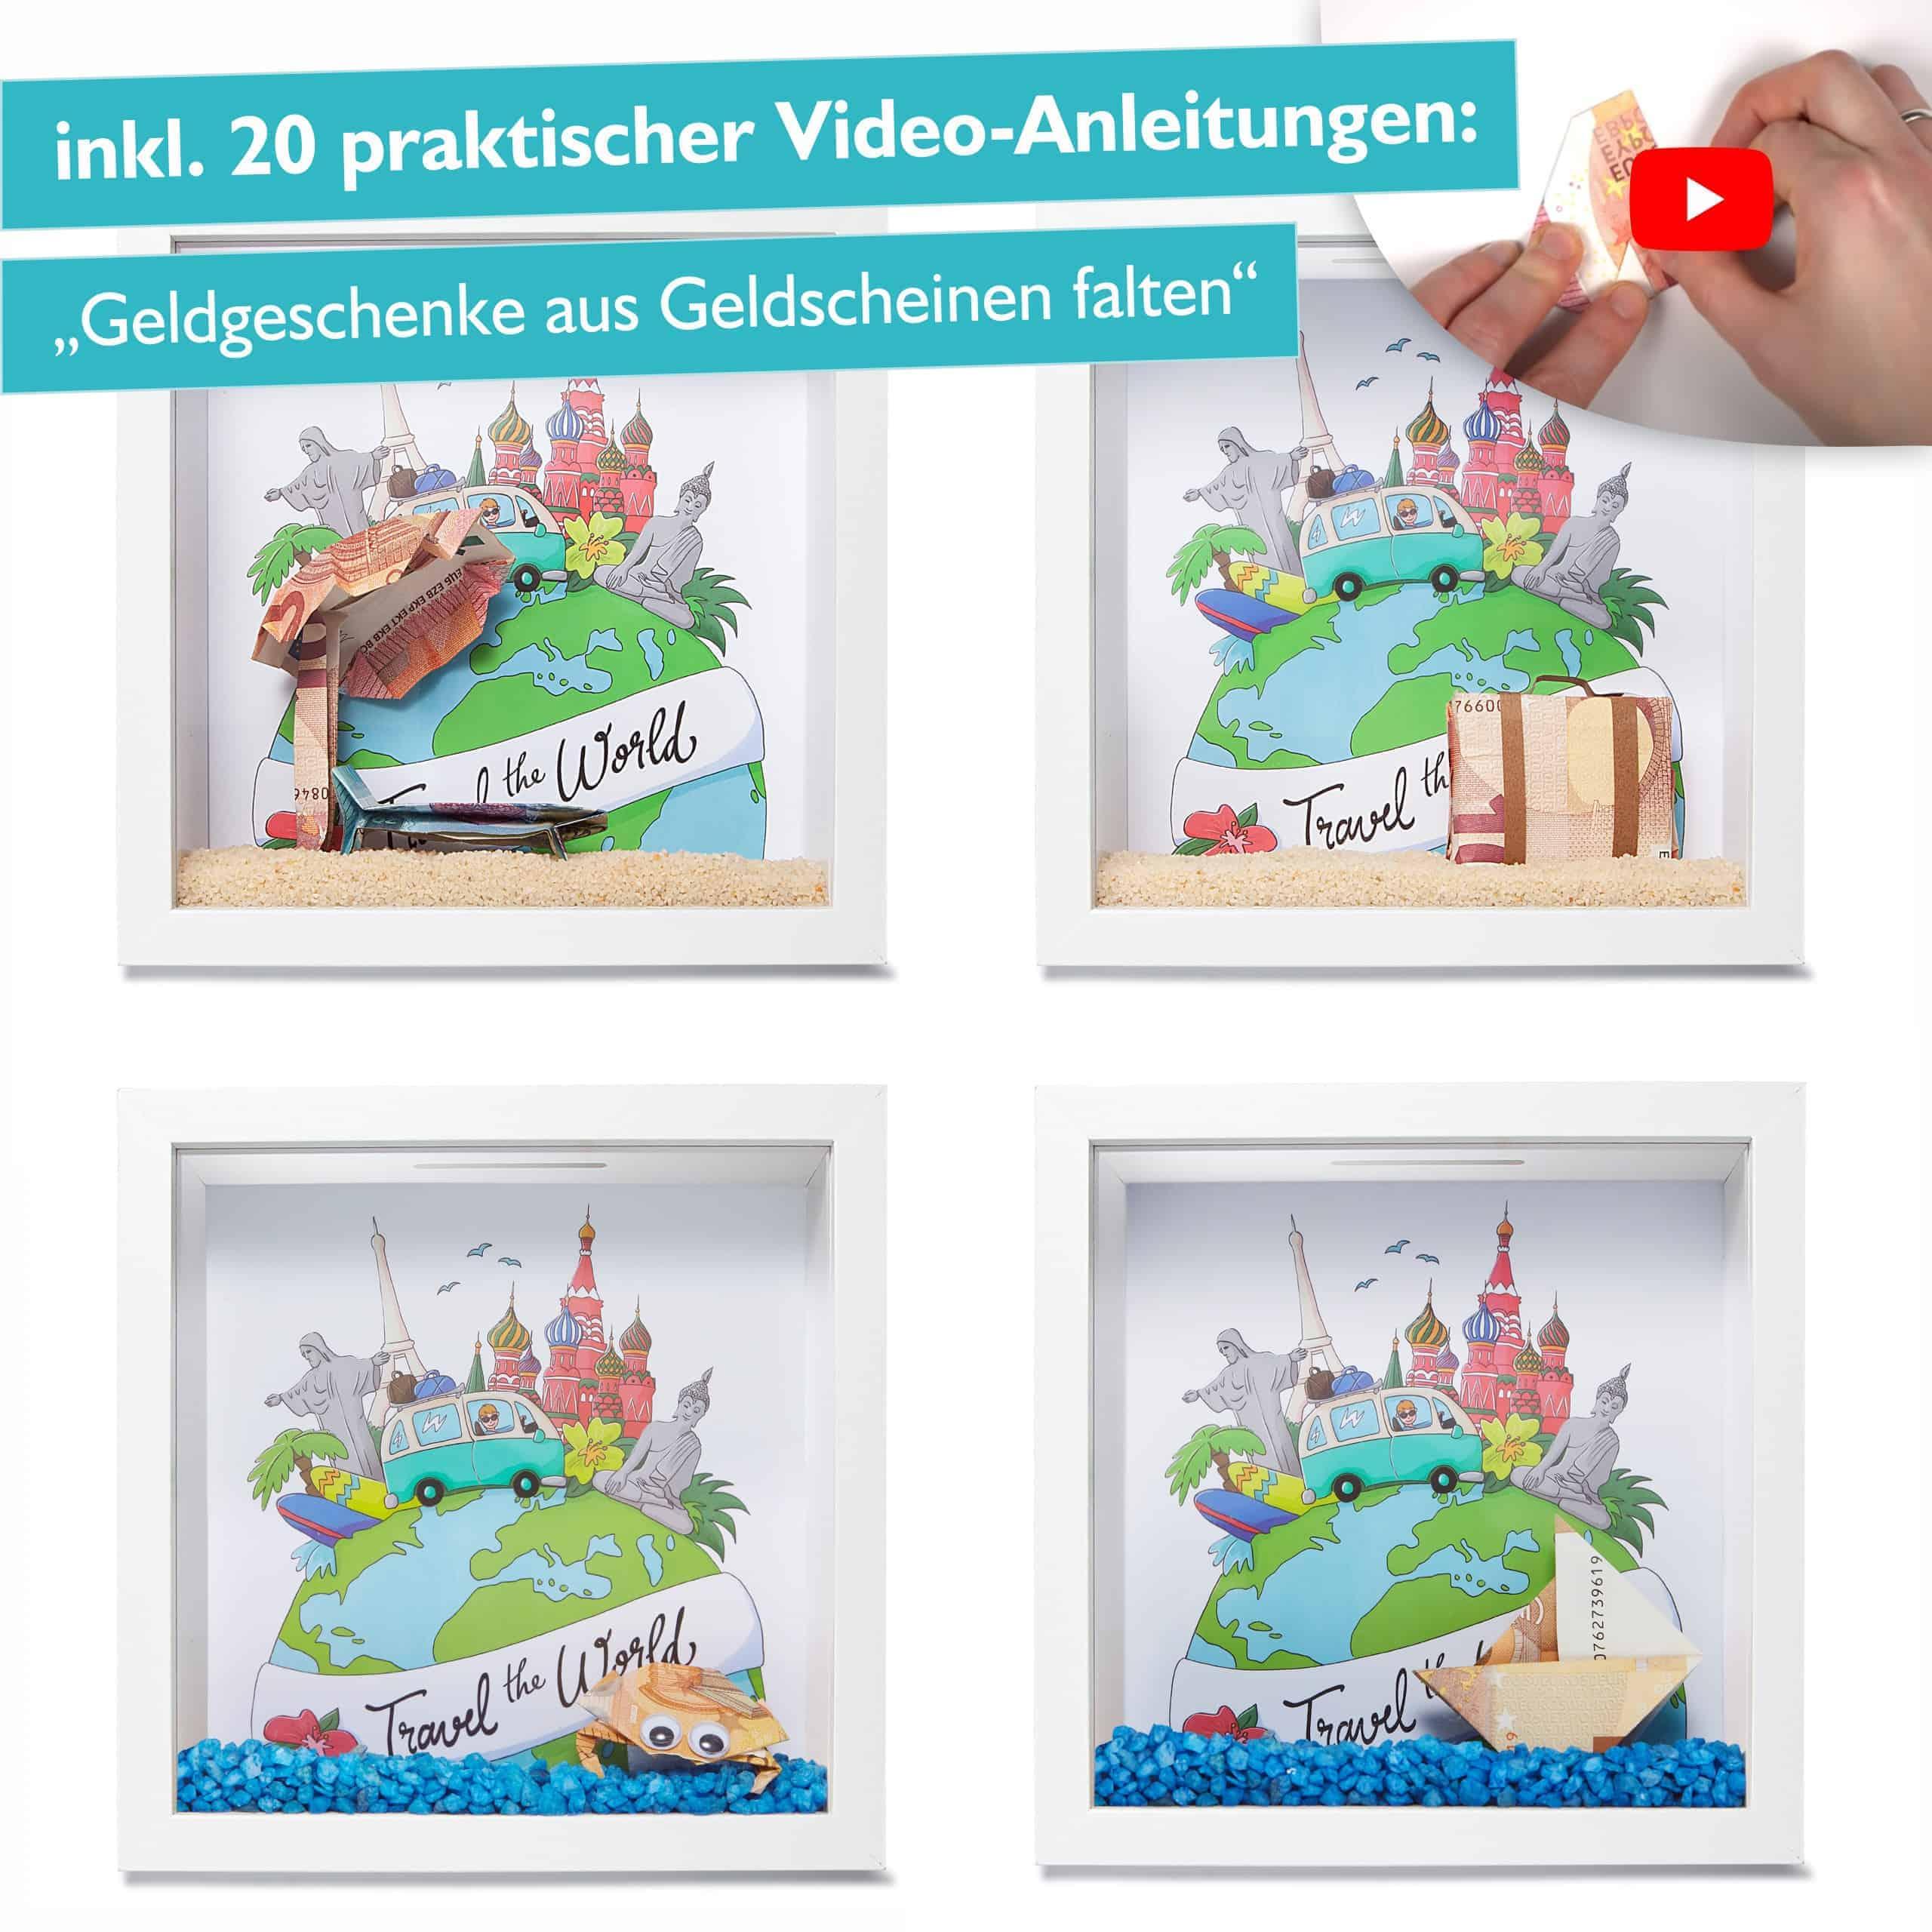 Bild_5 - Glückswolke Spardose 3D Bilderrahmen befüllen Reisekasse Urlaubskasse Reisen